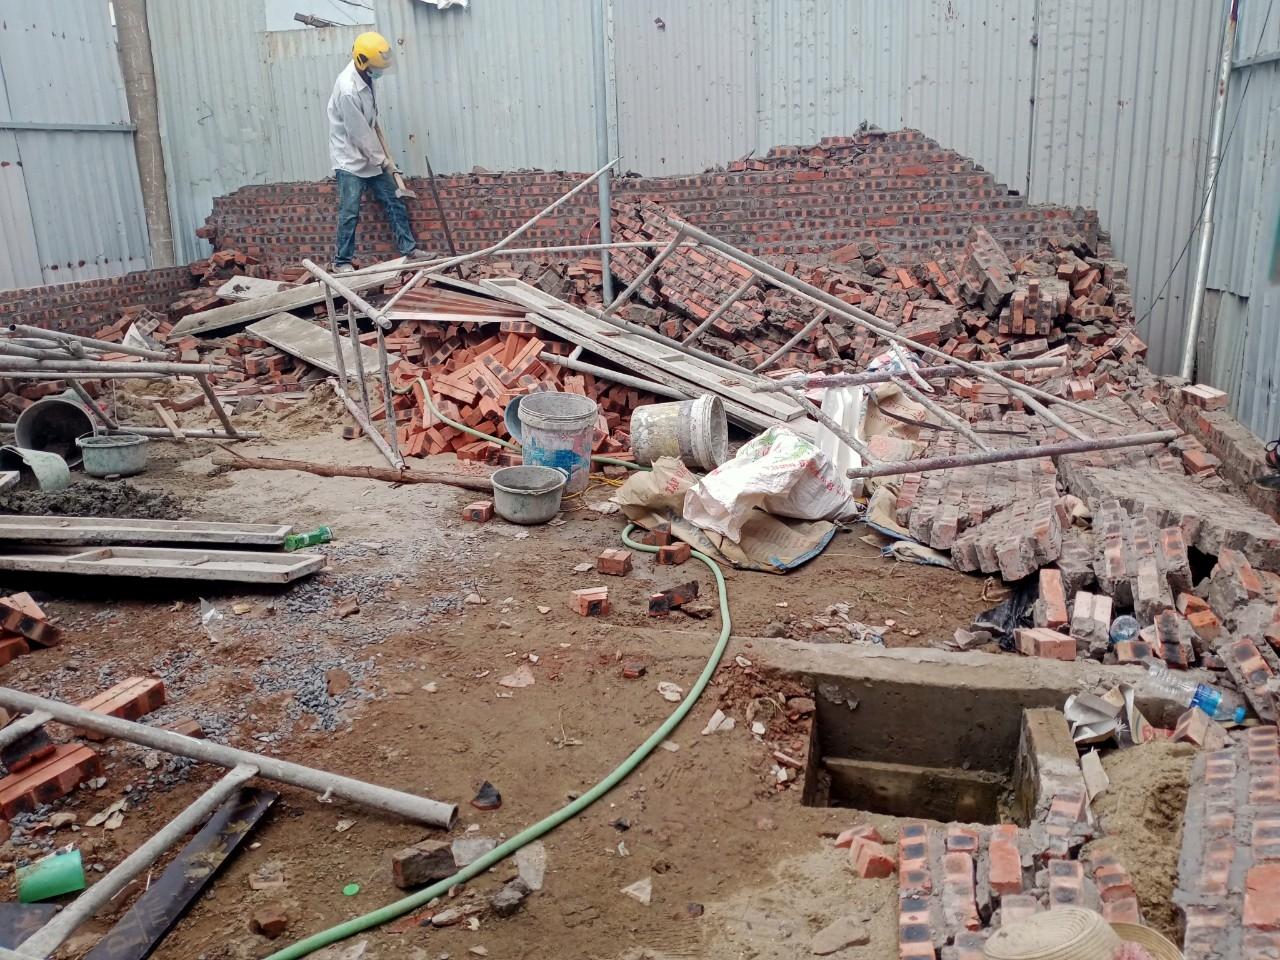 Tây Hồ (Hà Nội): Phường Quảng An thực hiện quyết liệt các biện pháp nhằm đảm bảo công tác quản lý đất đai, trật tự xây dựng